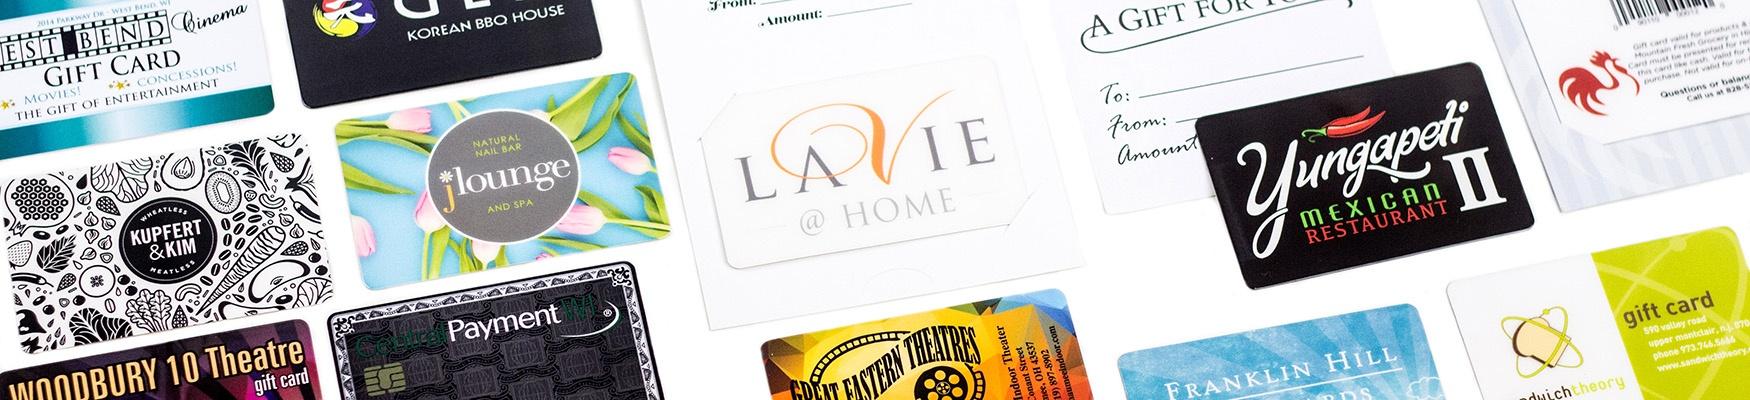 Gift-Card-Banner-Sample-6-1750x400-1.jpg